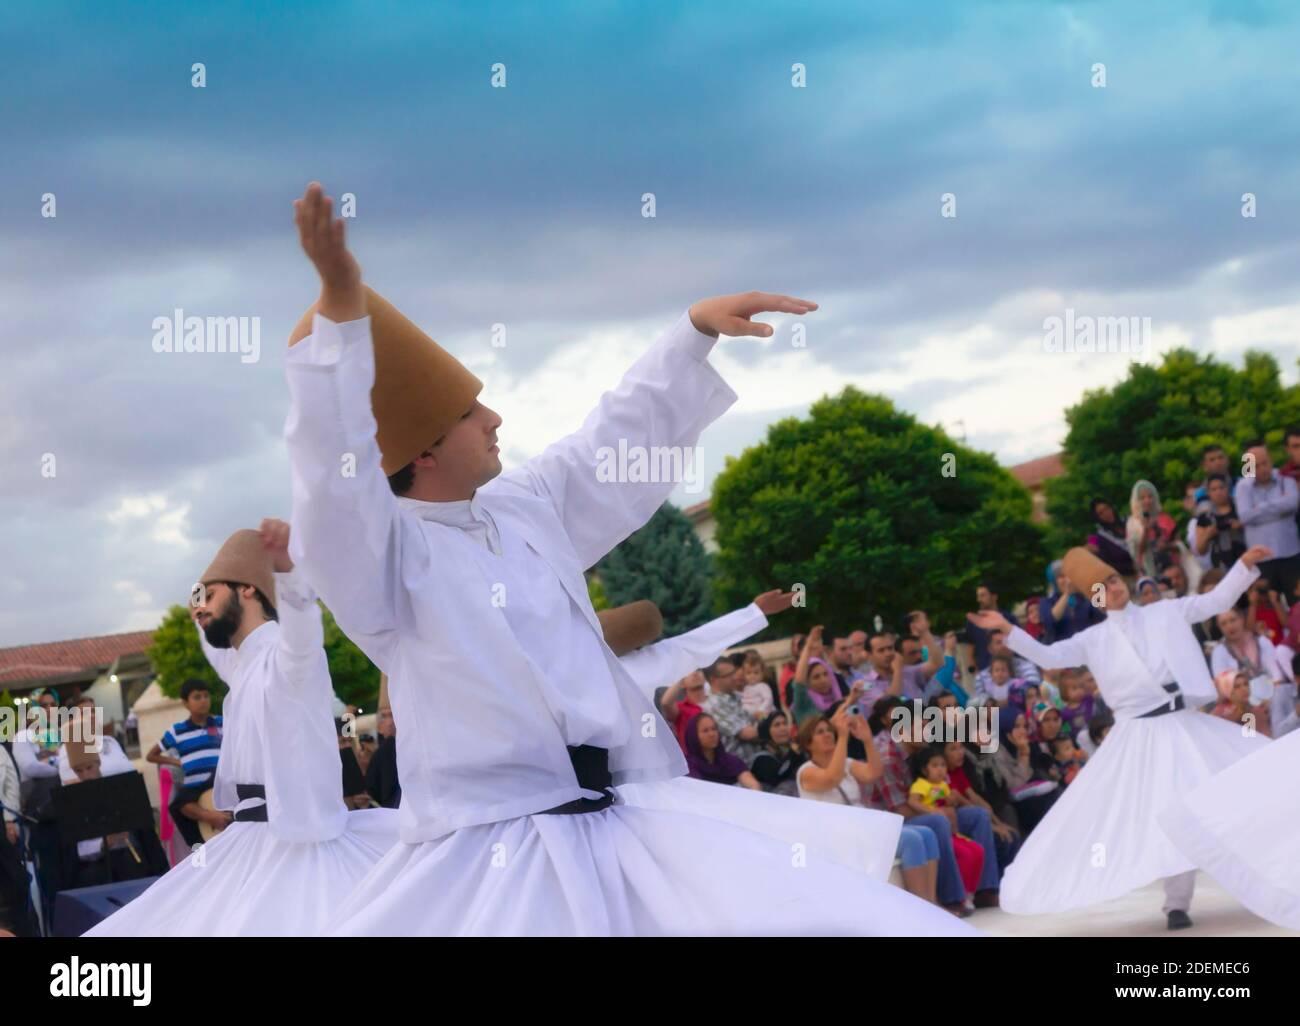 """Konya, Provincia de Konya, Turquía. Derviches giradores. La UNESCO proclamó la """"ceremonia Mevlevi Sema"""" de Turquía (vista aquí) entre las obras maestras de Foto de stock"""